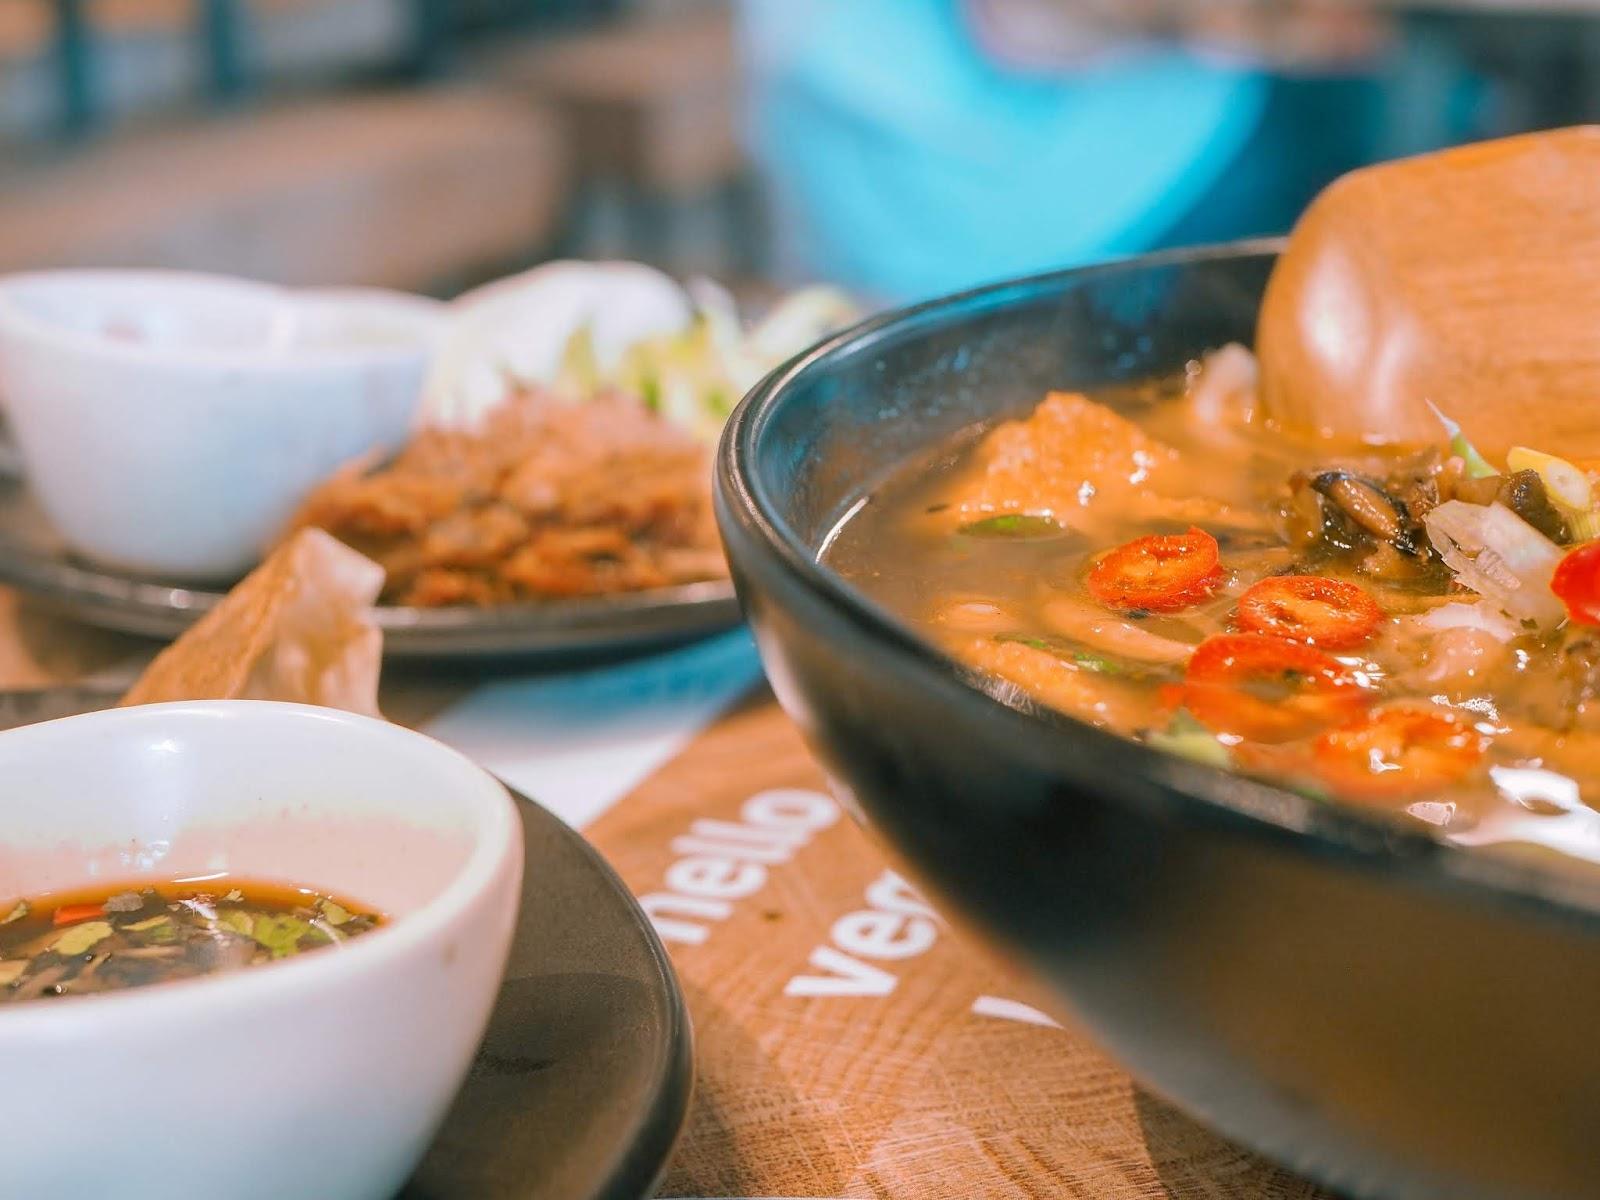 2018-eating-less-meat-vegan-menu-wagamama-leeds-uk-img4